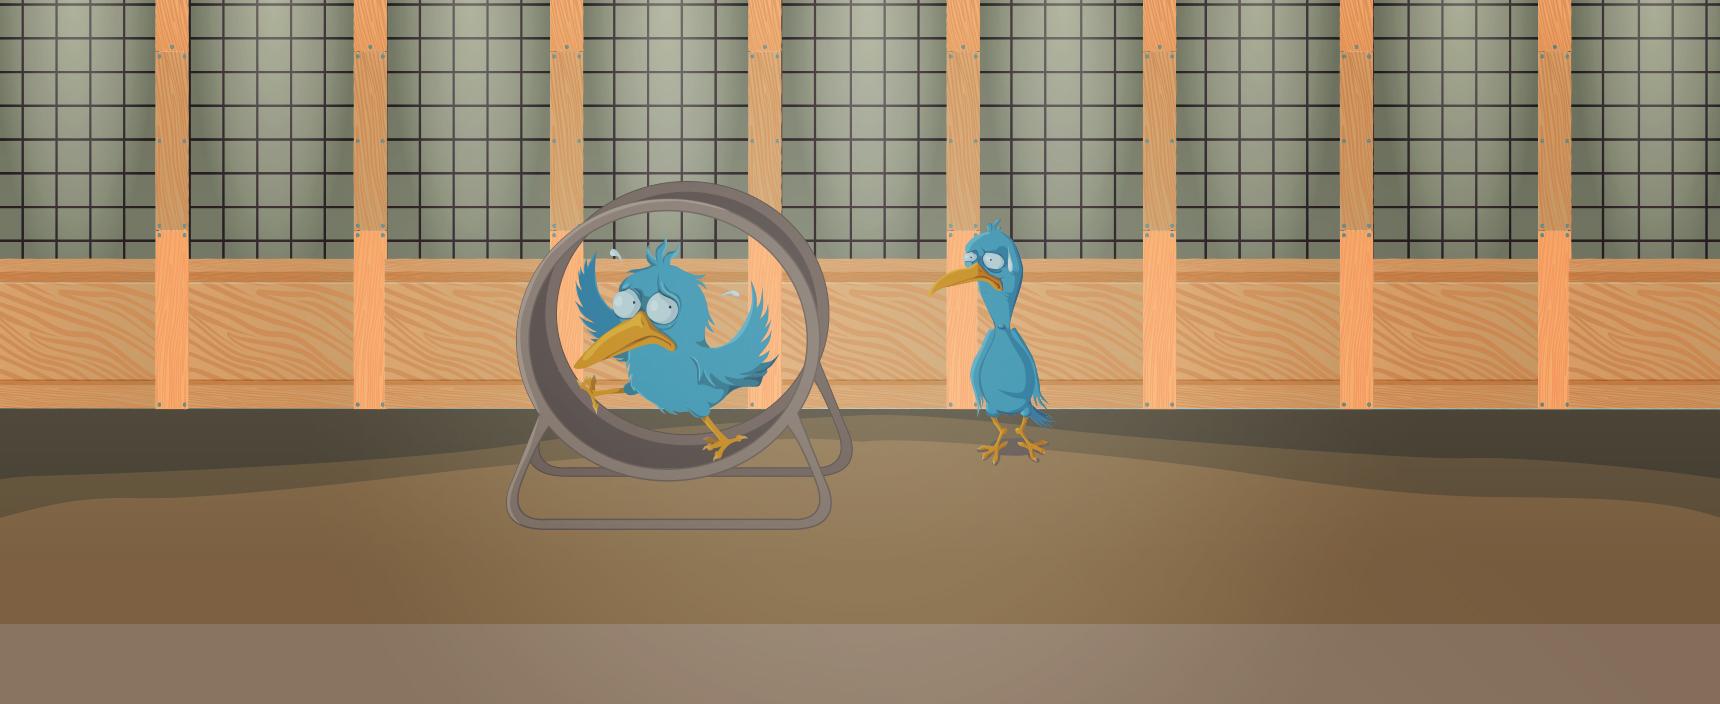 Tweet Page